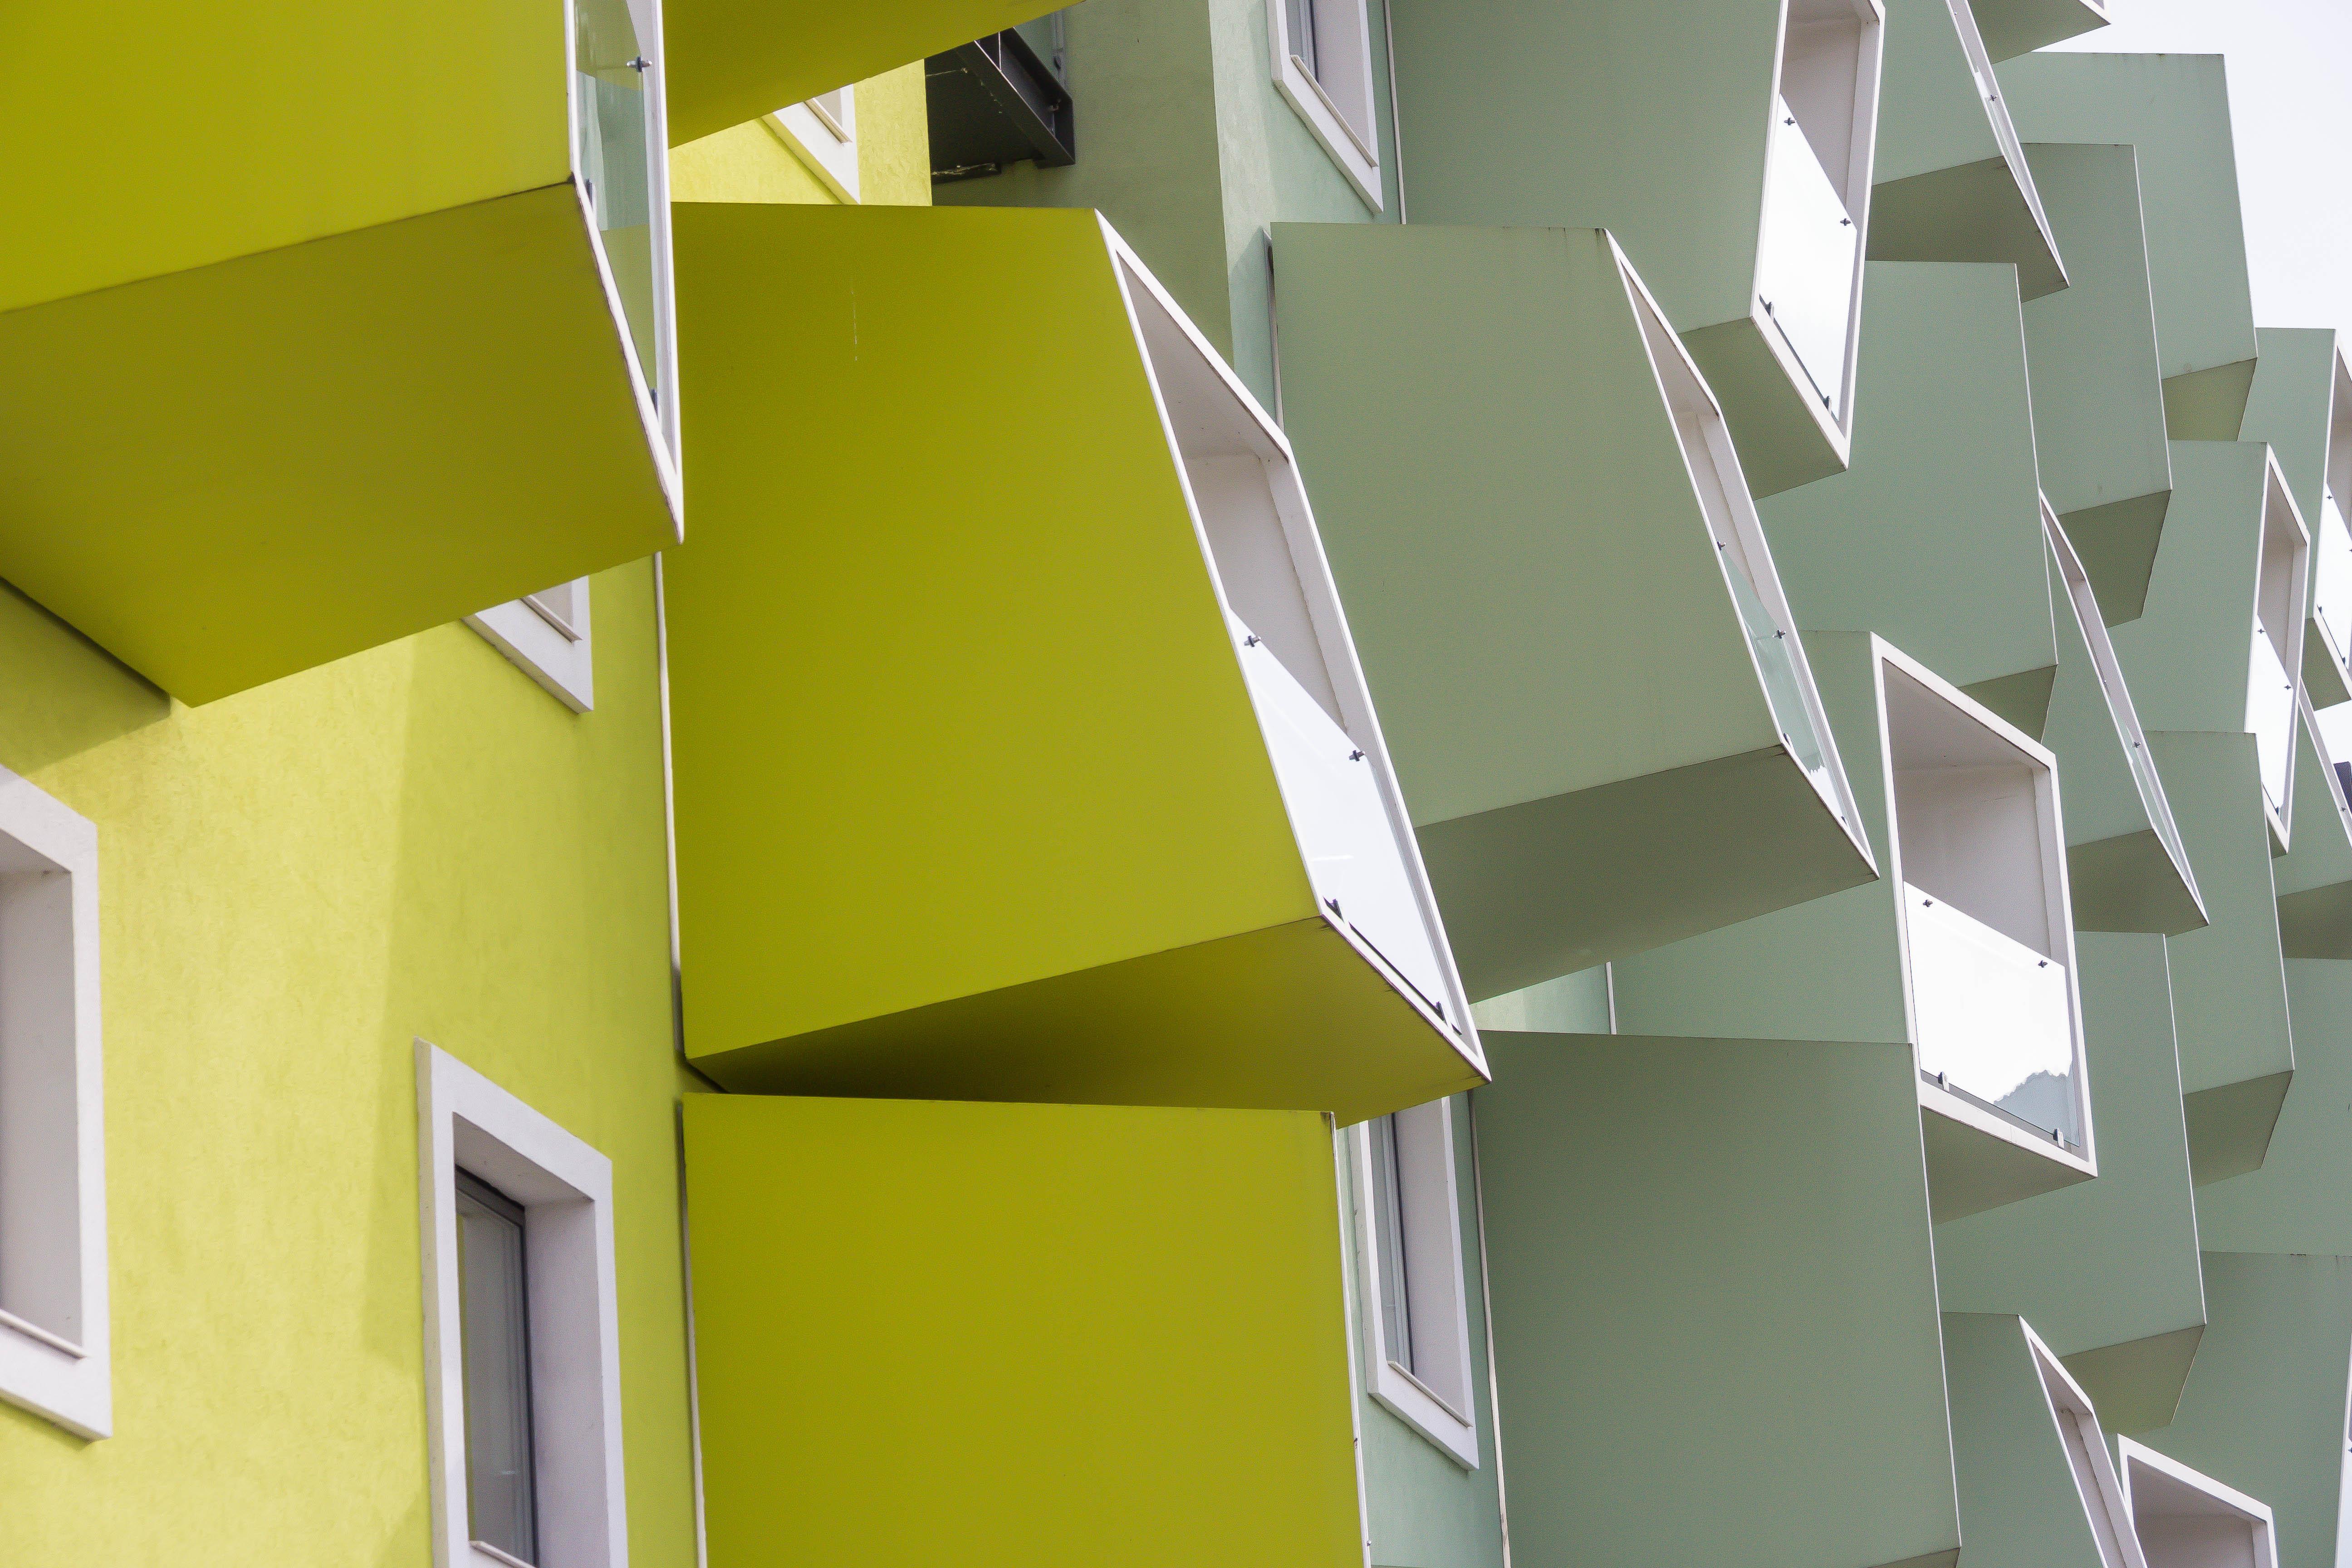 Baggrunde : arkitektur, bygning, væg, gul, glas, altan, Indretning ...